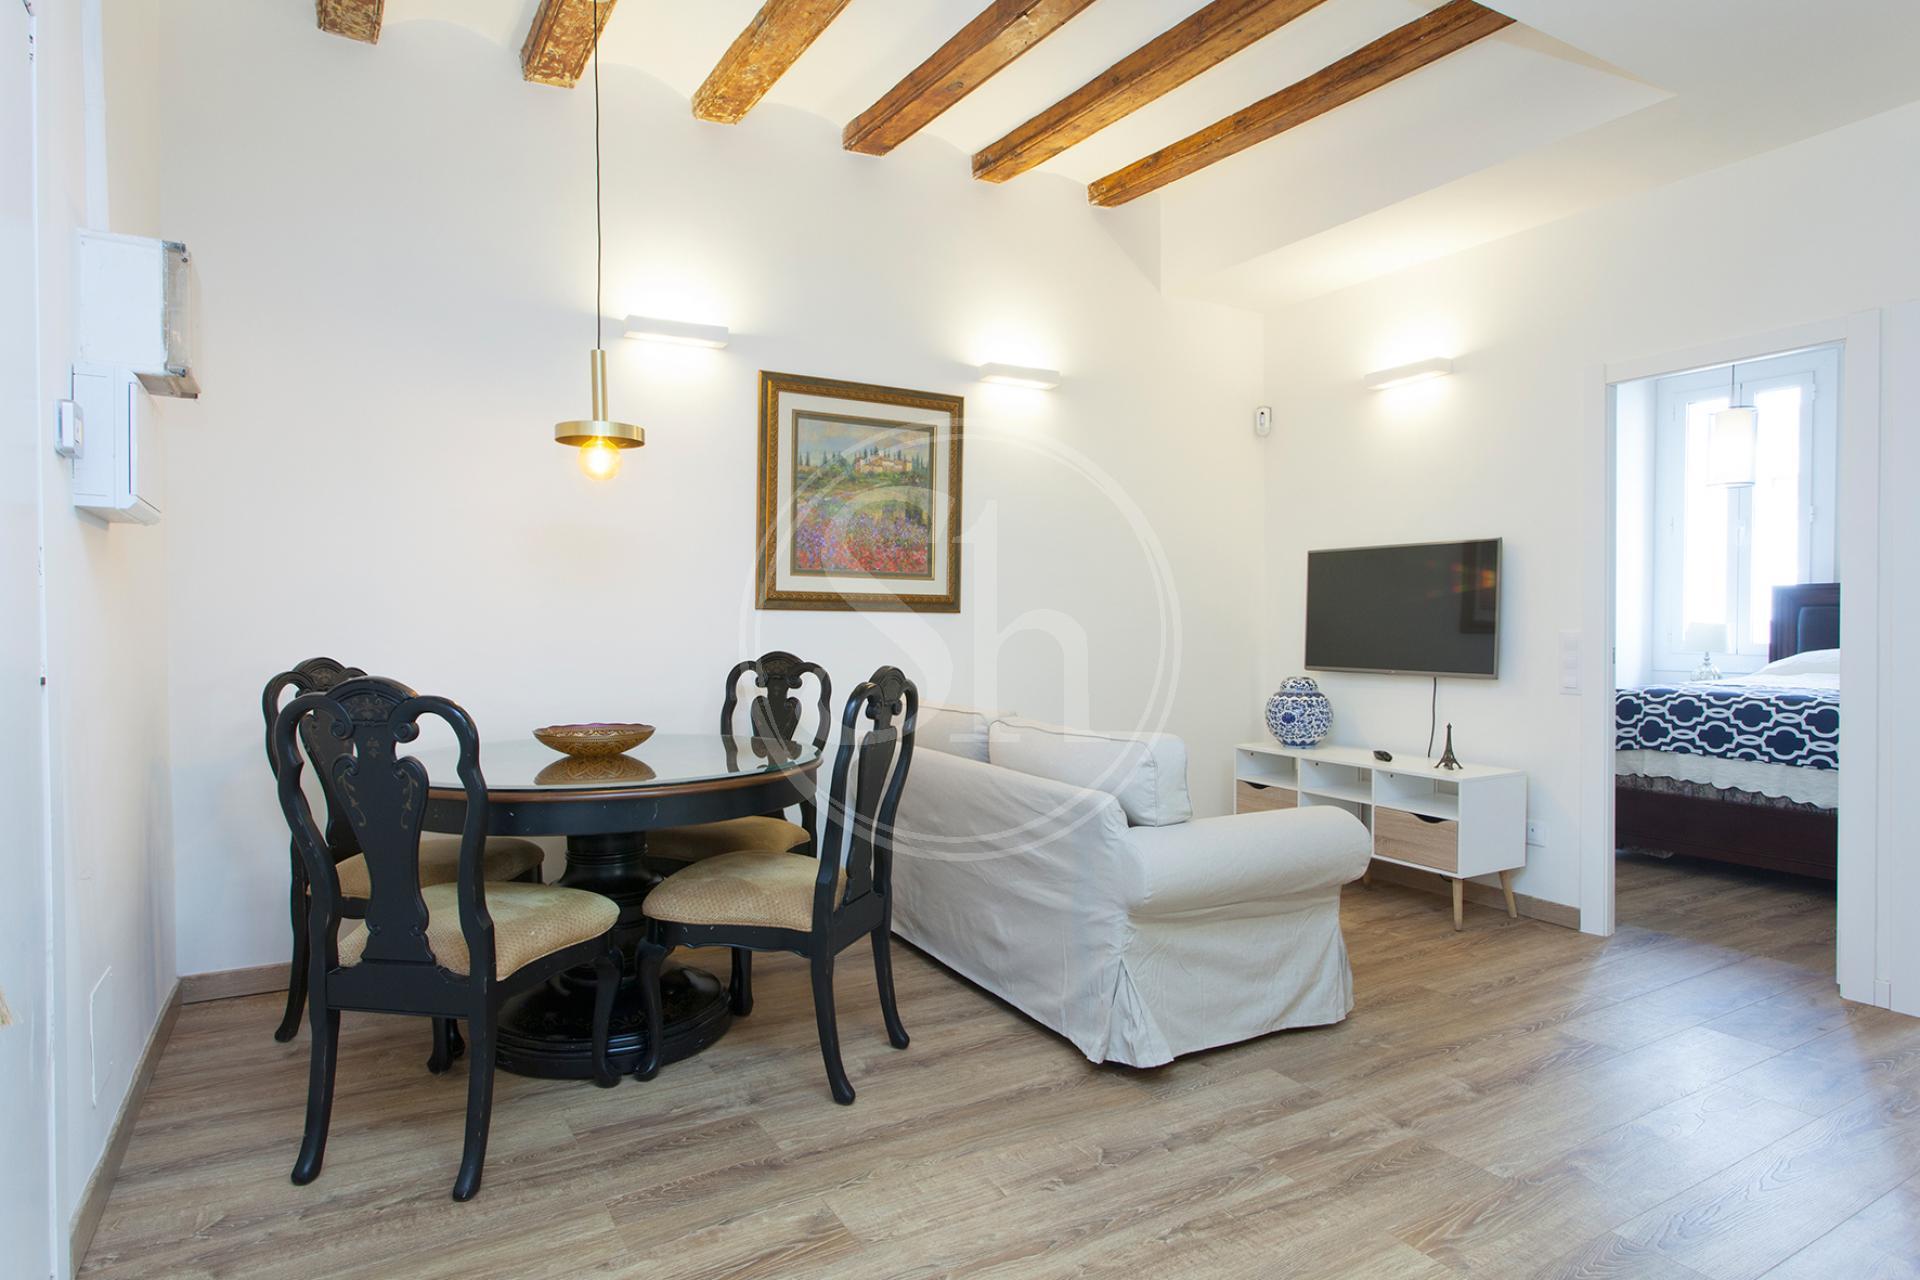 Shbarcelona alquiler piso por temporadas raval barcelona - Alquiler piso por meses barcelona ...